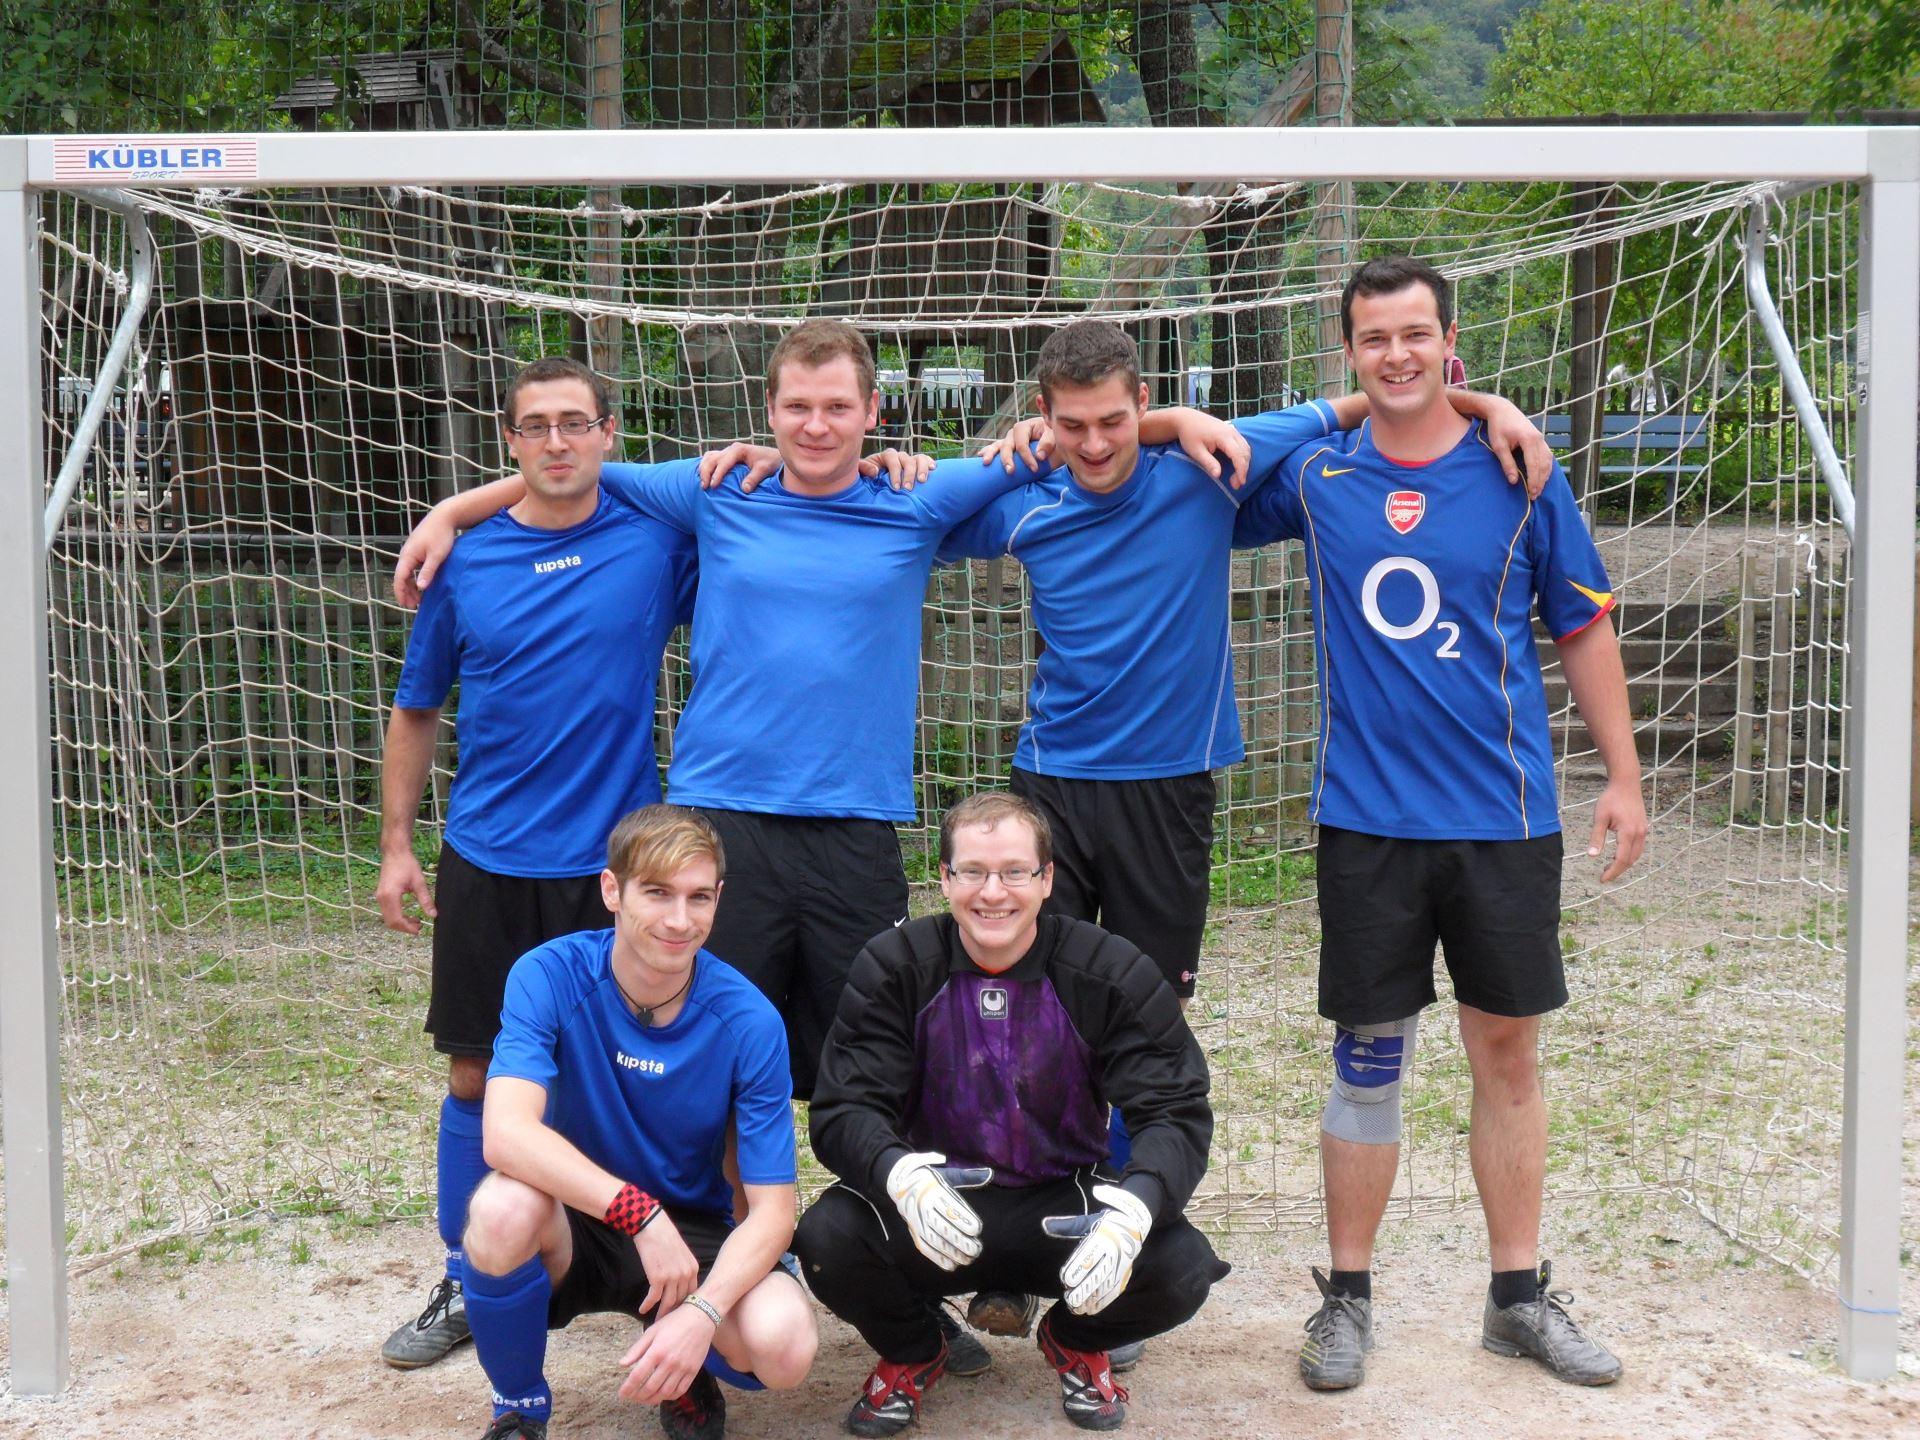 Gaudi-Fußballturnier auf dem Festplatz 2011 (07)